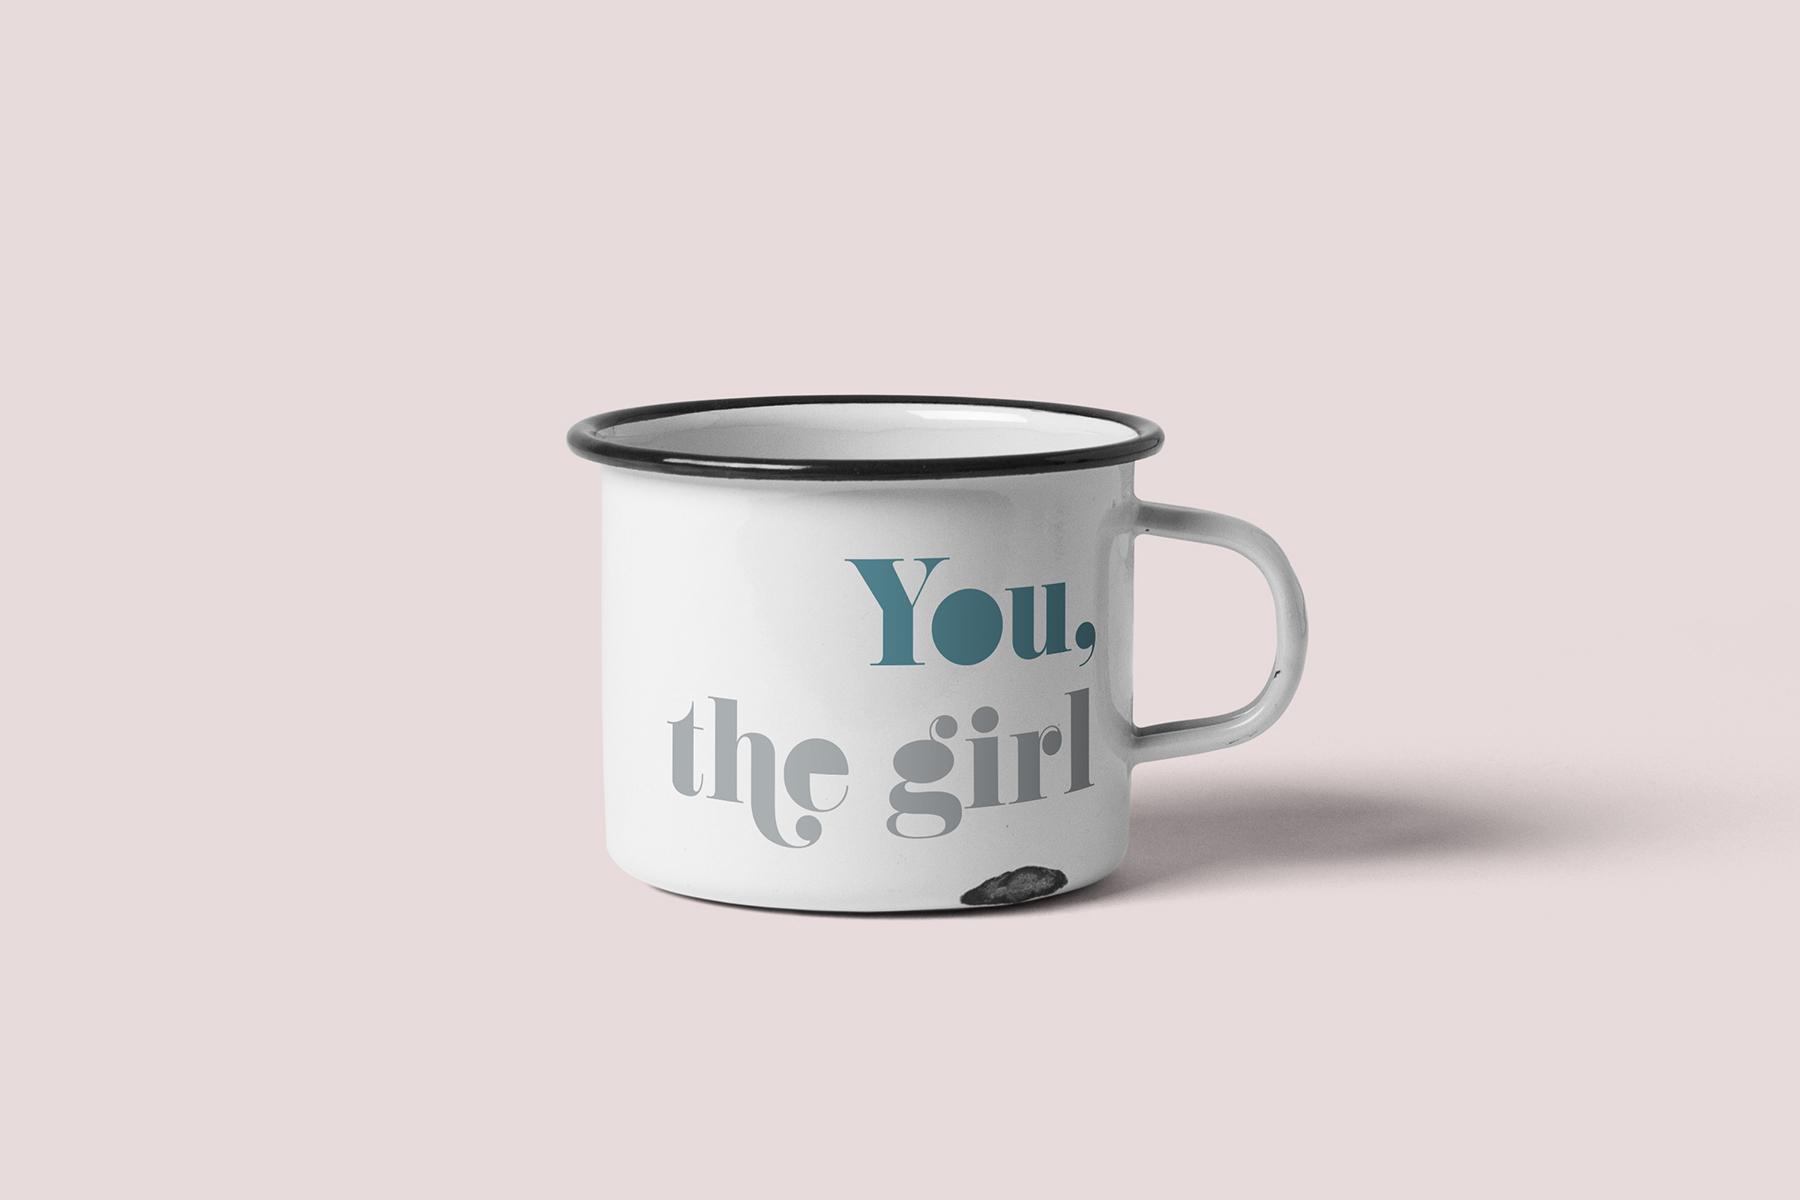 JALASTAIR You, the girl Mug